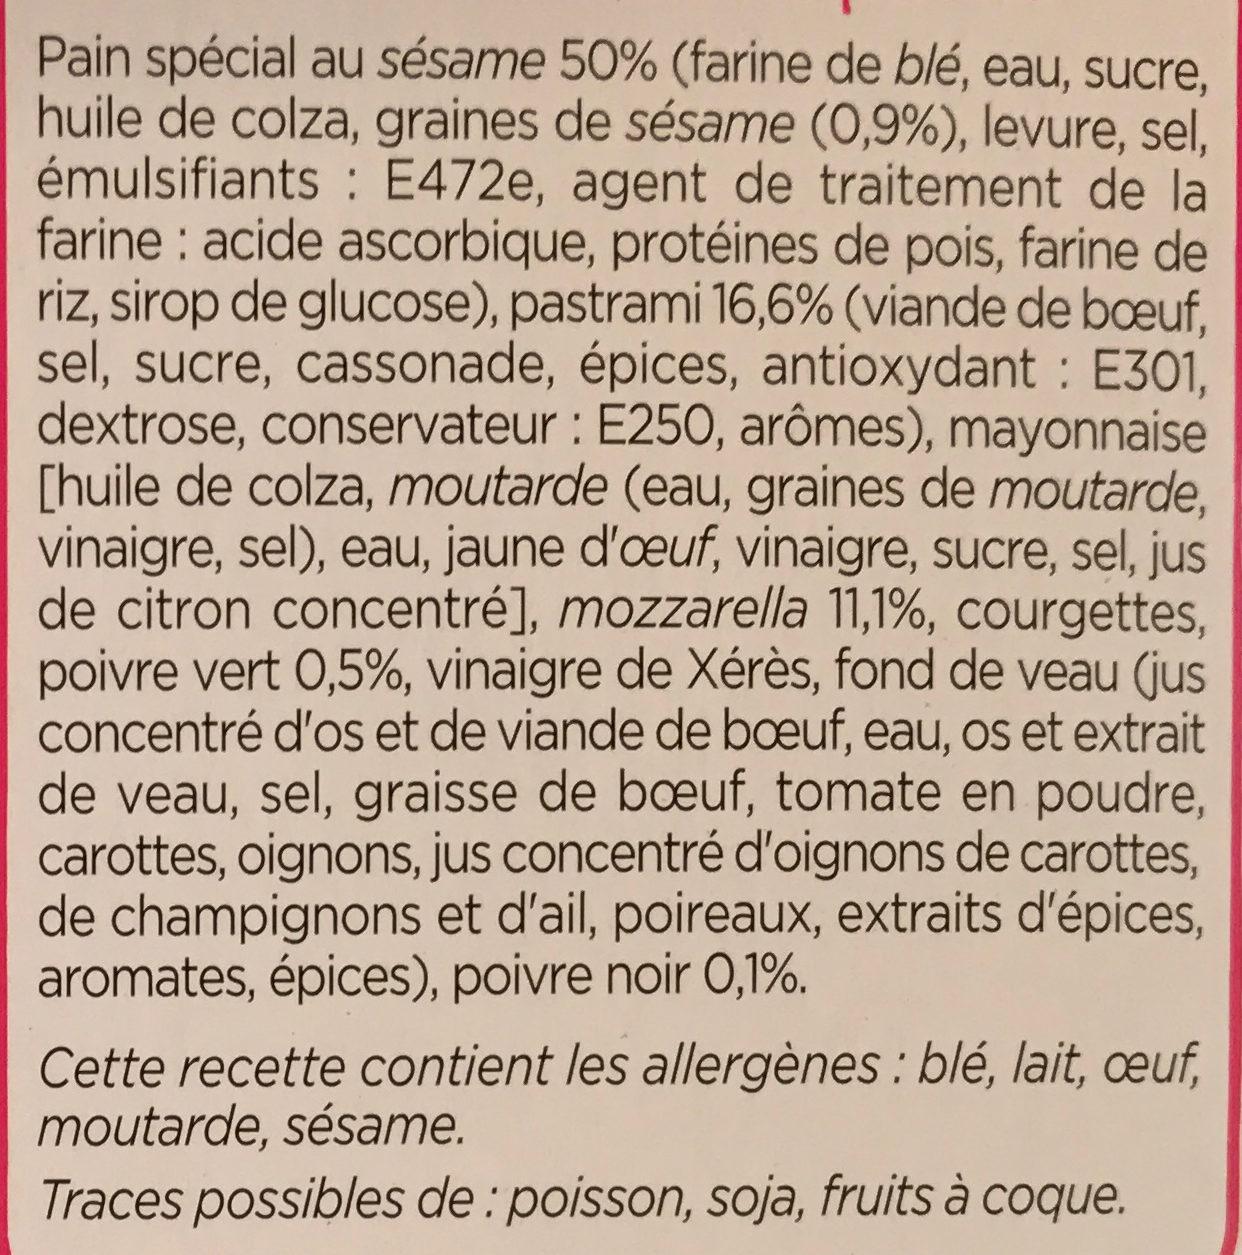 Bagel Pastrami Mozzarella sauce aux 2 poivres - Ingrédients - fr